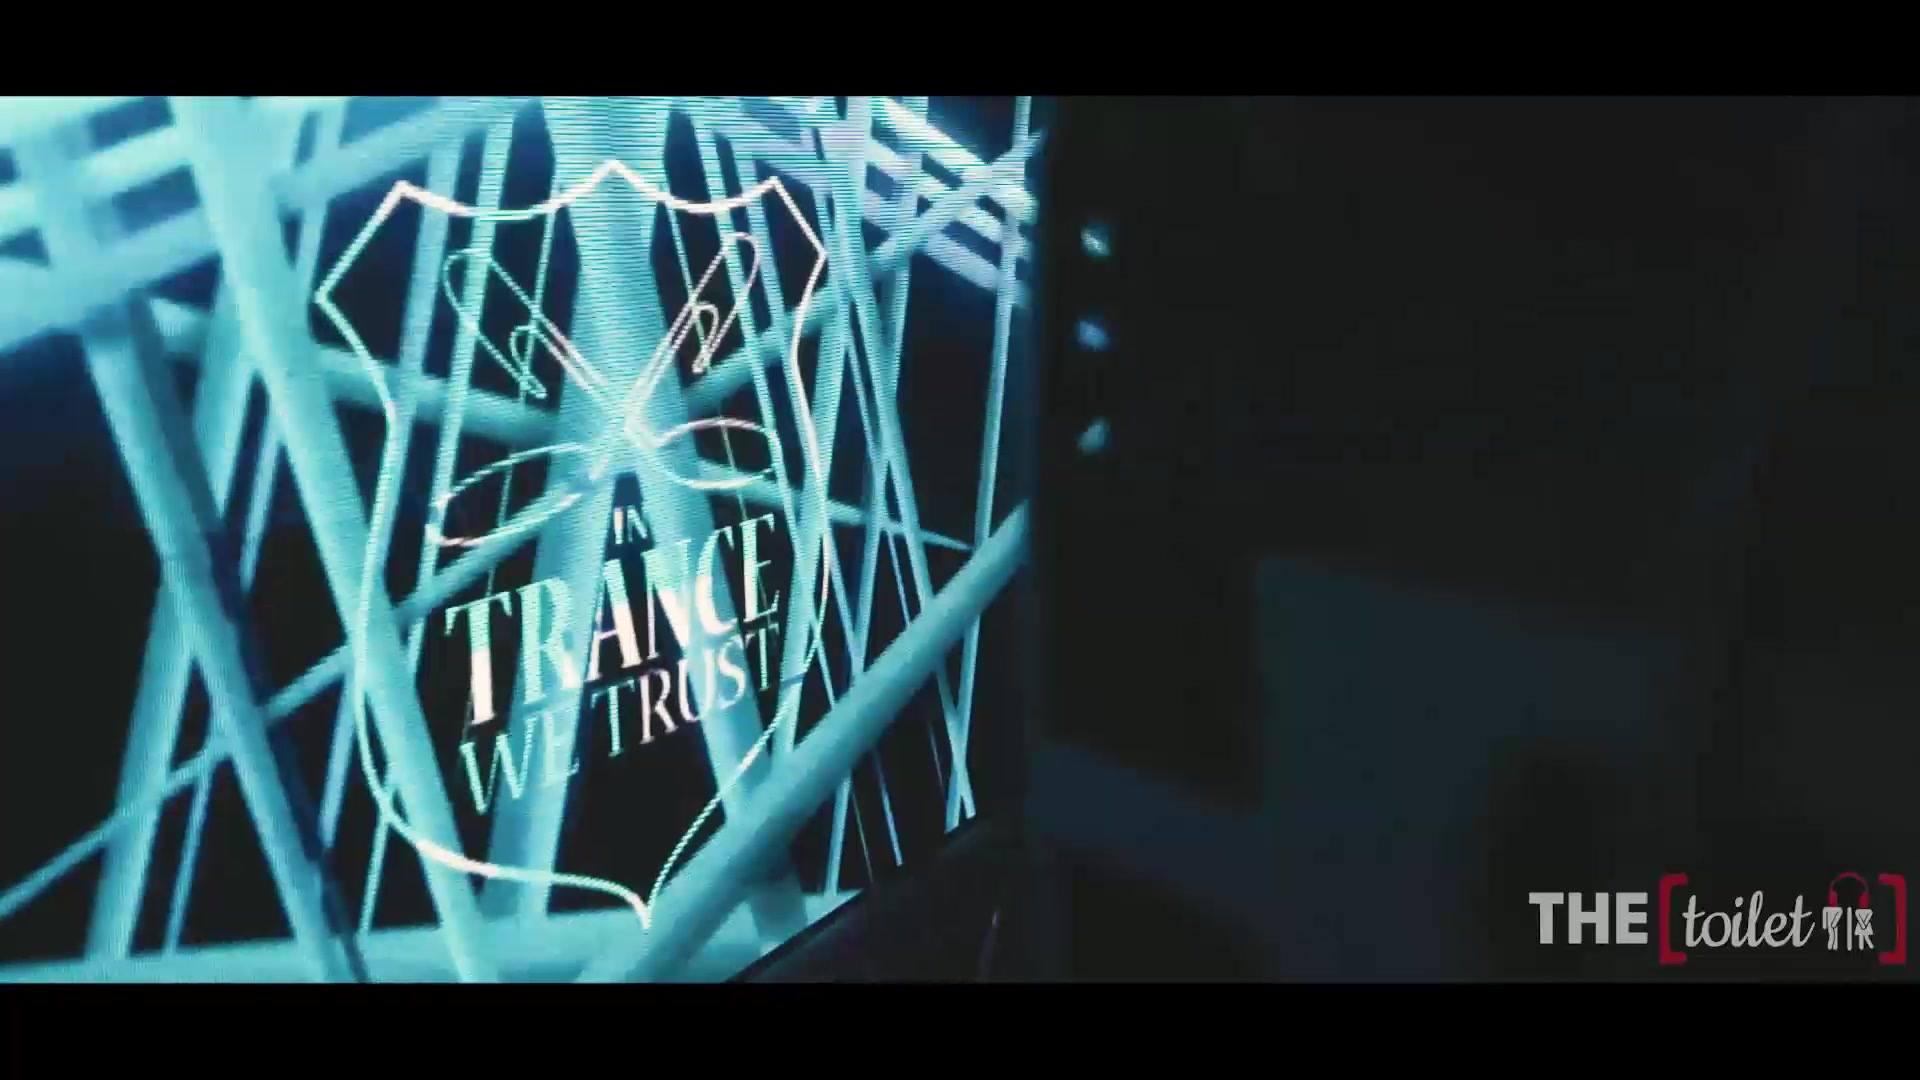 [ Aftermovie 📹 ] 1 phút sống lại đêm nhạc thiên đường Trance Session 3 với Menno de Jong và huyền thoại The Thrillseekers trước khi đến với một BIG ANNOUNCEMENT cho số tiếp theo của #TranceSession diễn ra NGAY TRONG THÁNG 12 tới nhé các #TranceLovers